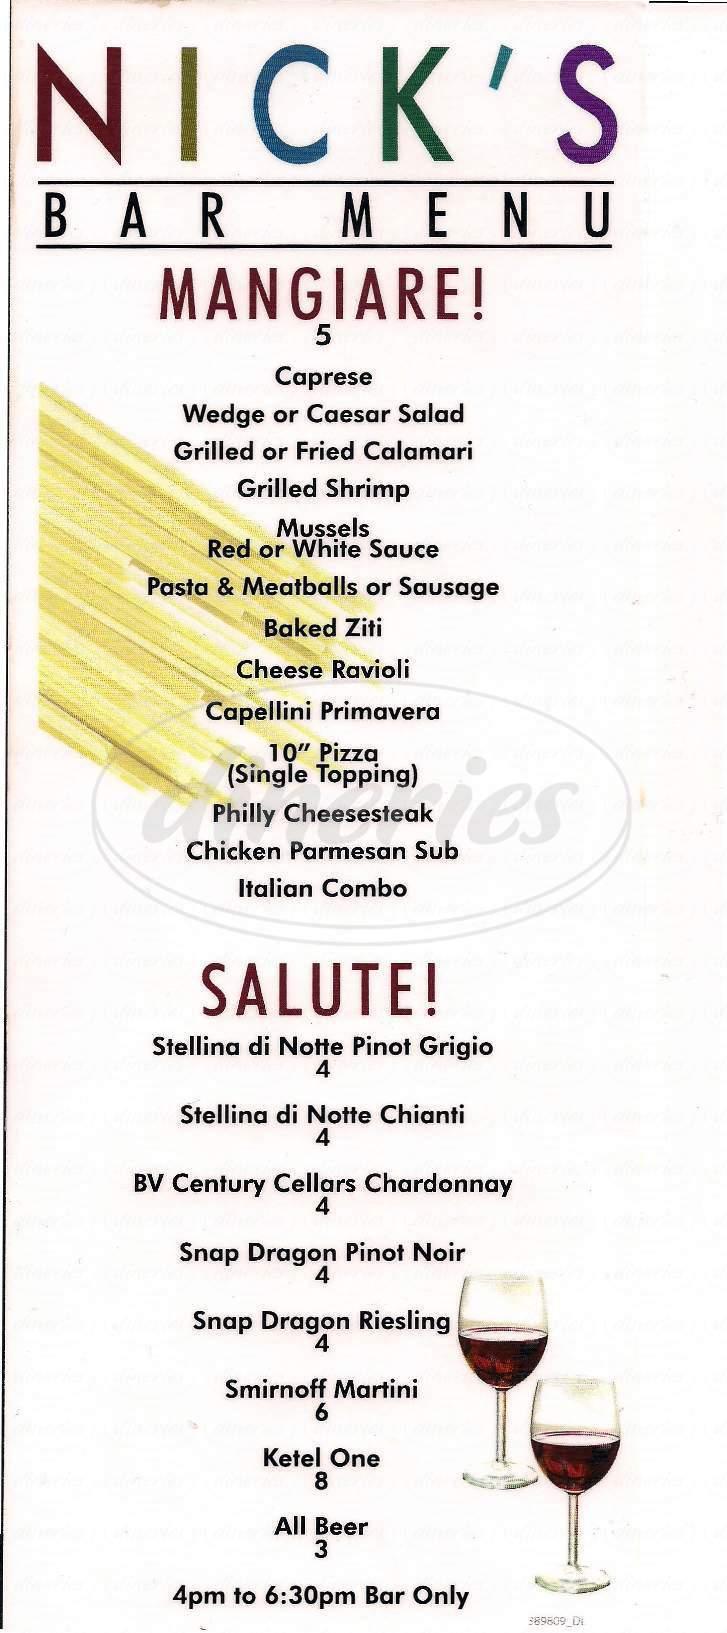 menu for Nick's